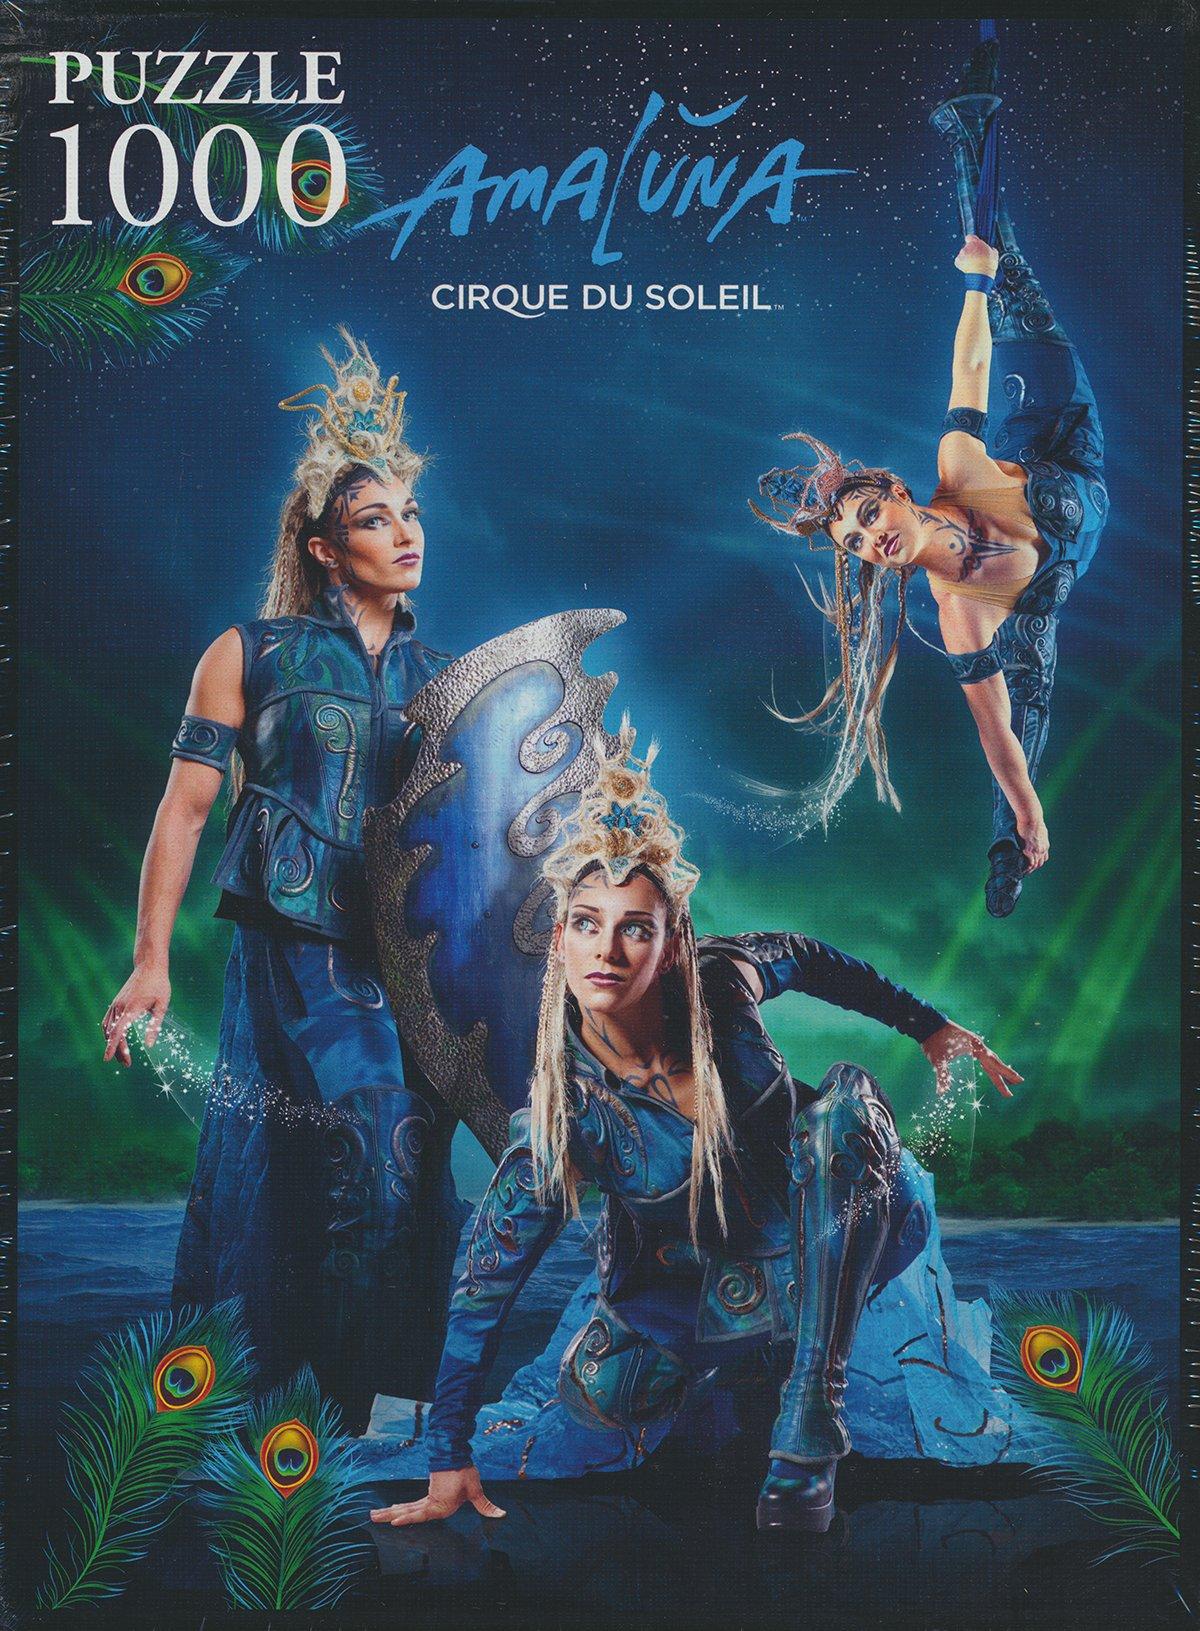 Trefl Jigsaw Puzzle 1000 Pieces amaluna, cirque de soleil circus puzzel amaluna-cirque-soleil